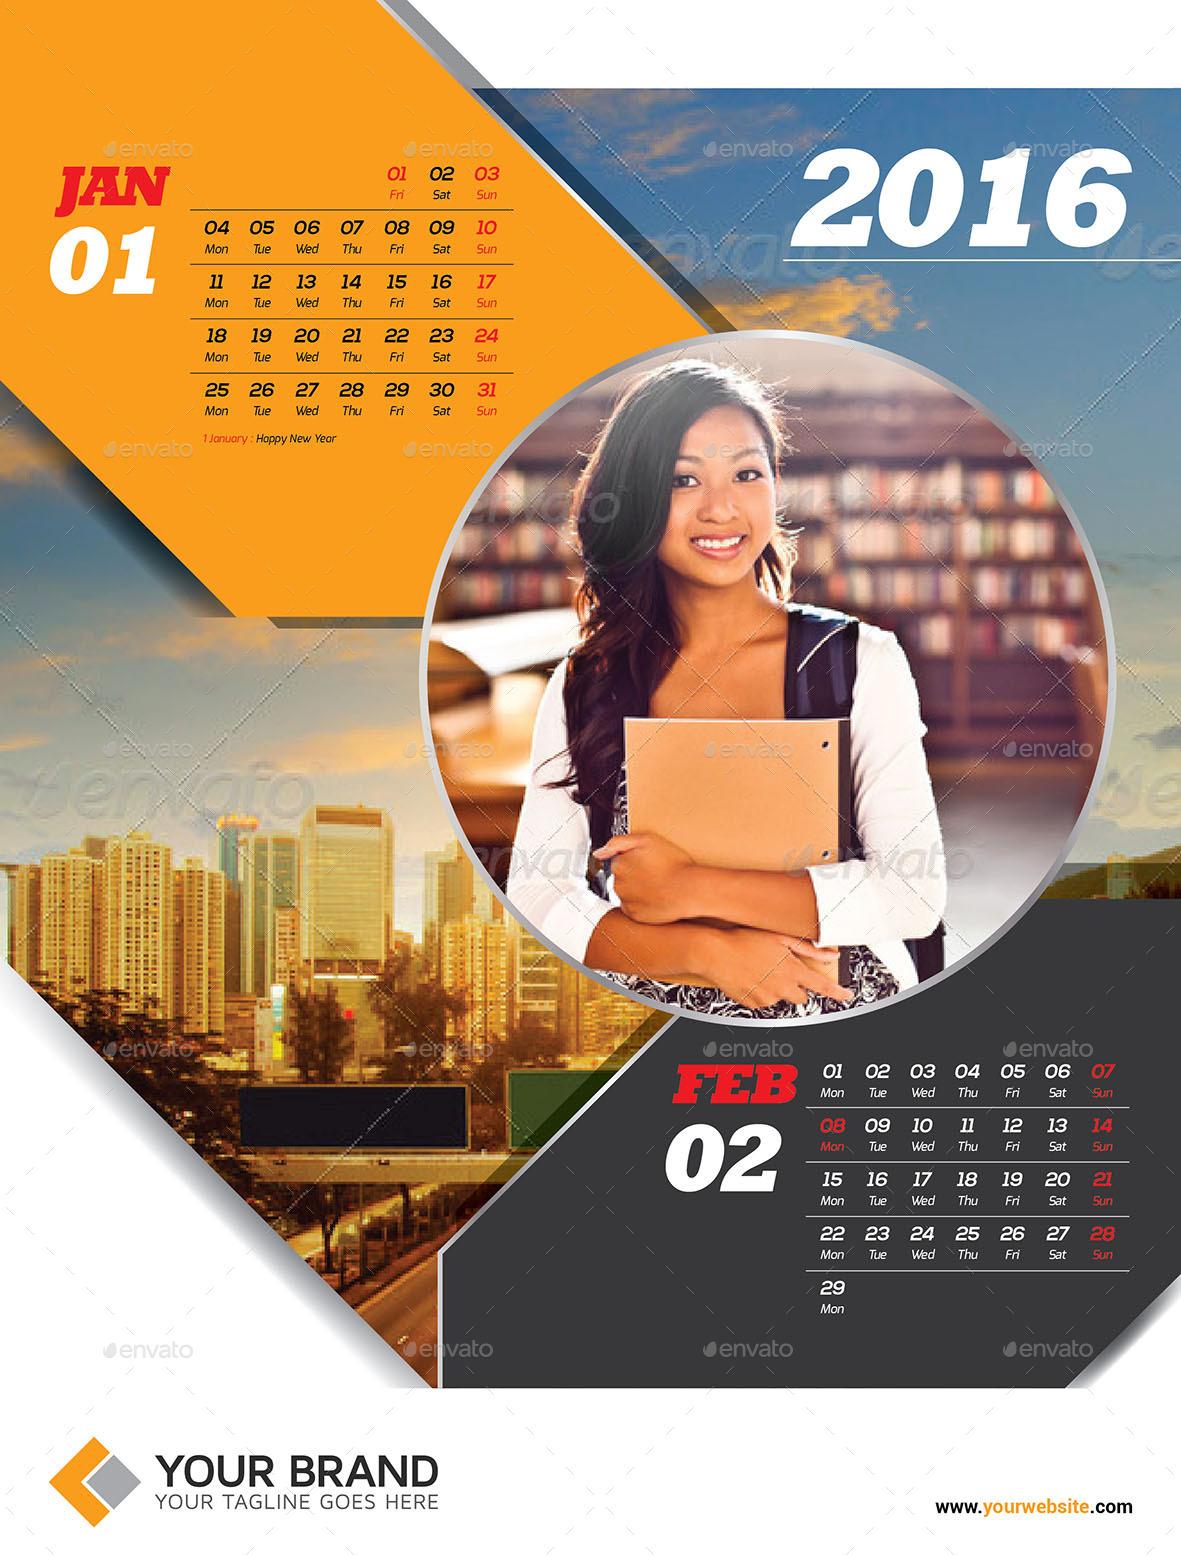 Corporate Wall Calendar Ideas : Wall calendar by olaylay graphicriver